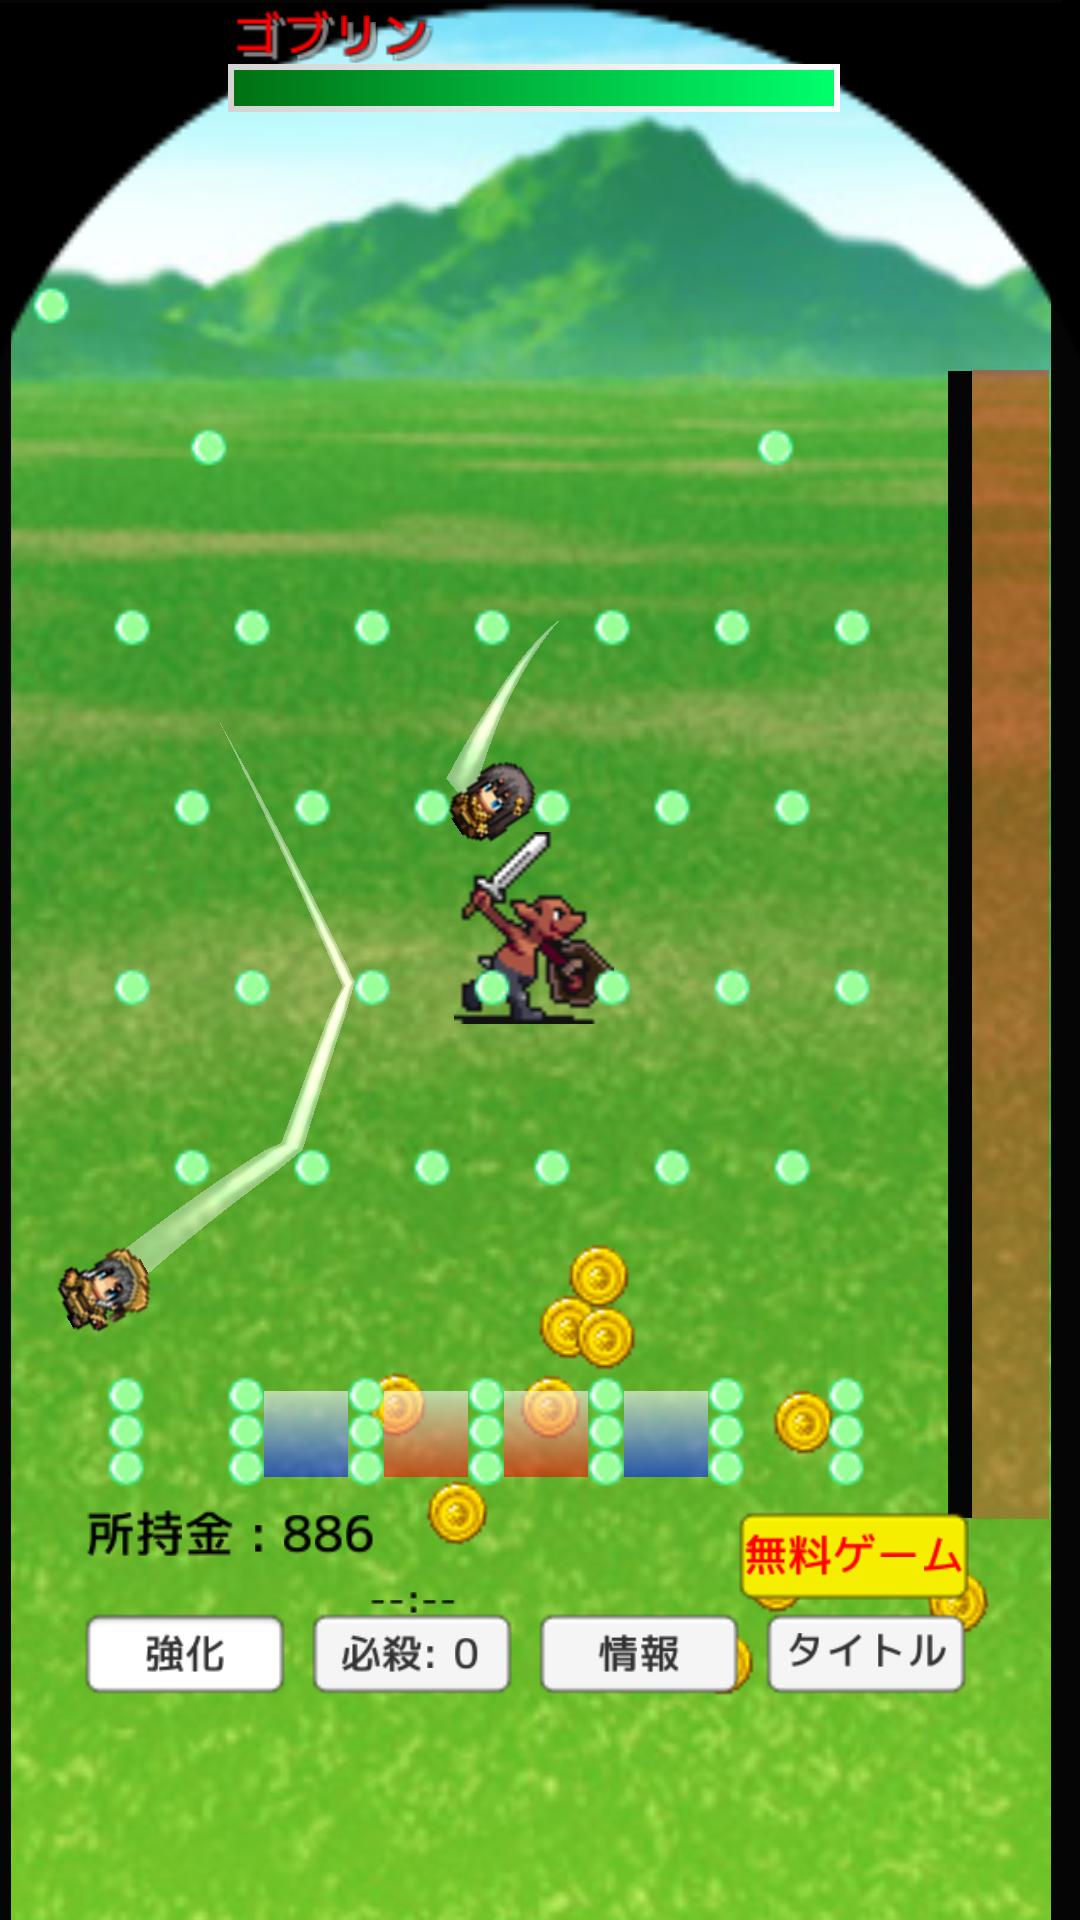 ピンボール勇者 androidアプリスクリーンショット1